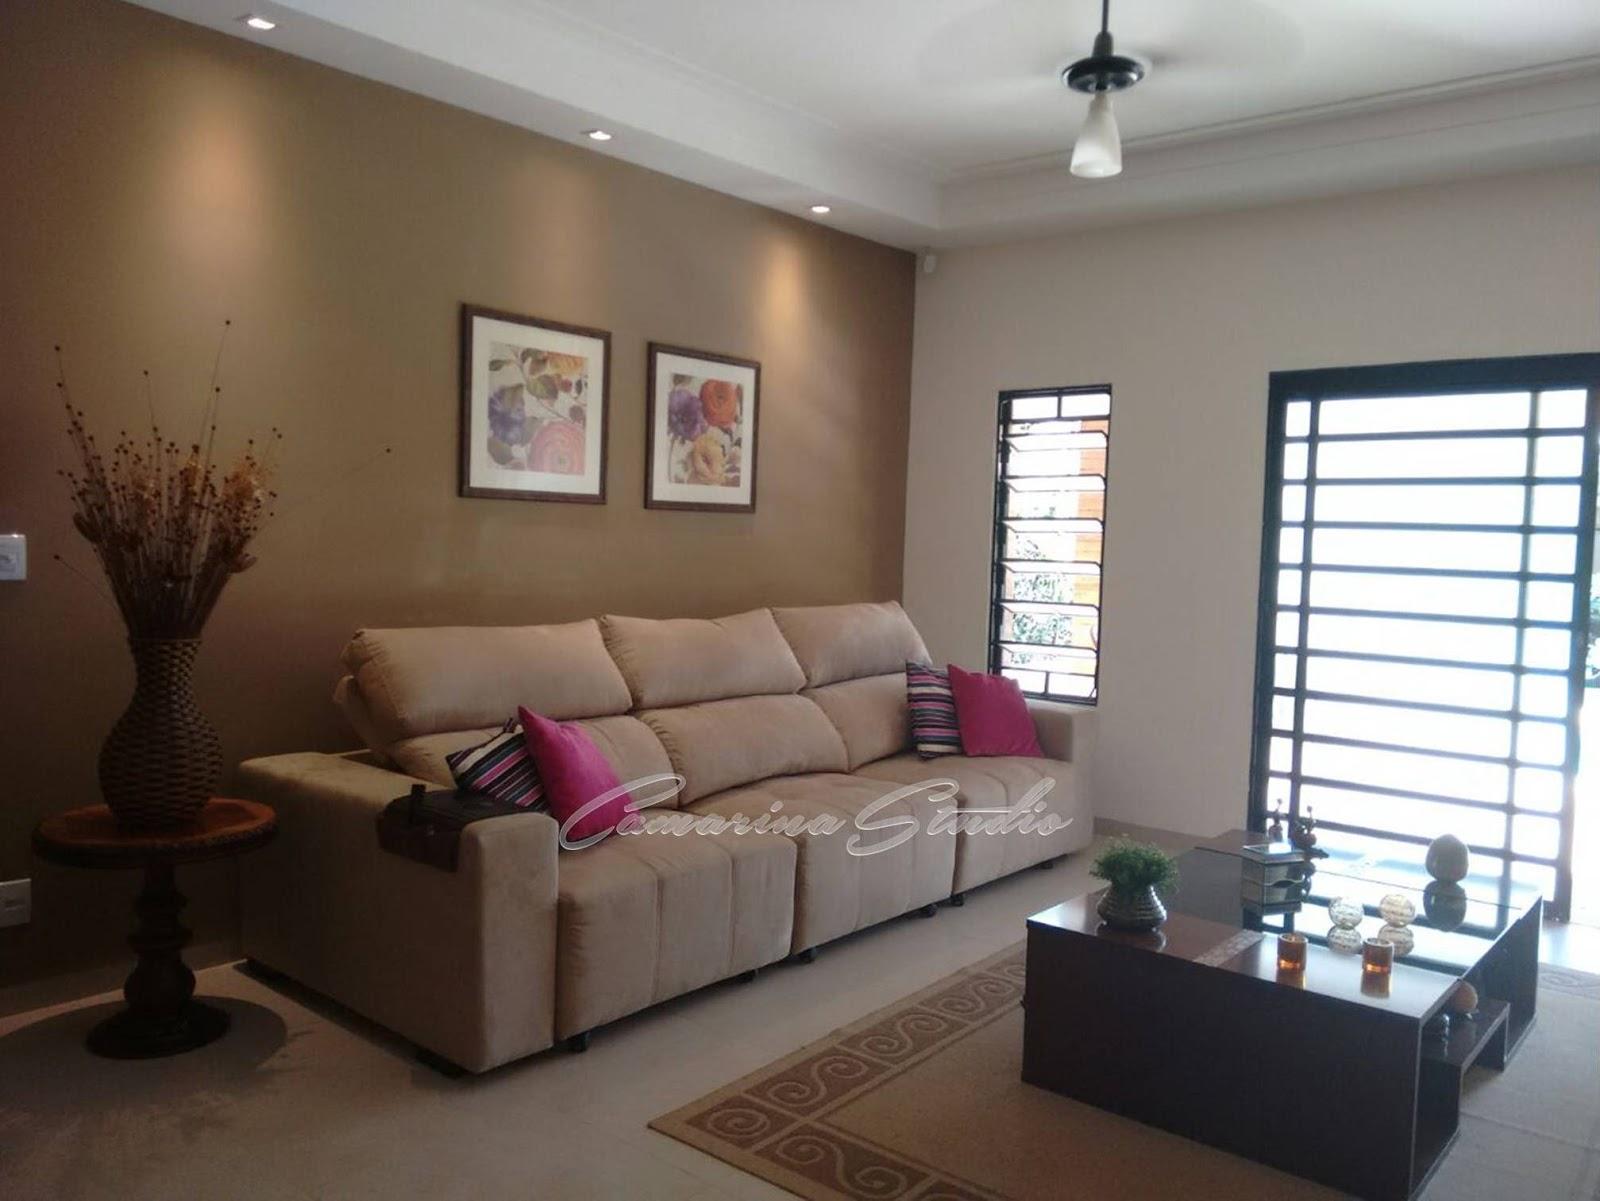 #614838 esse projeto de design de interiores foi desenvolvido a partir do  1600x1201 px Sala De Cozinha De Design De Interiores_423 Imagens